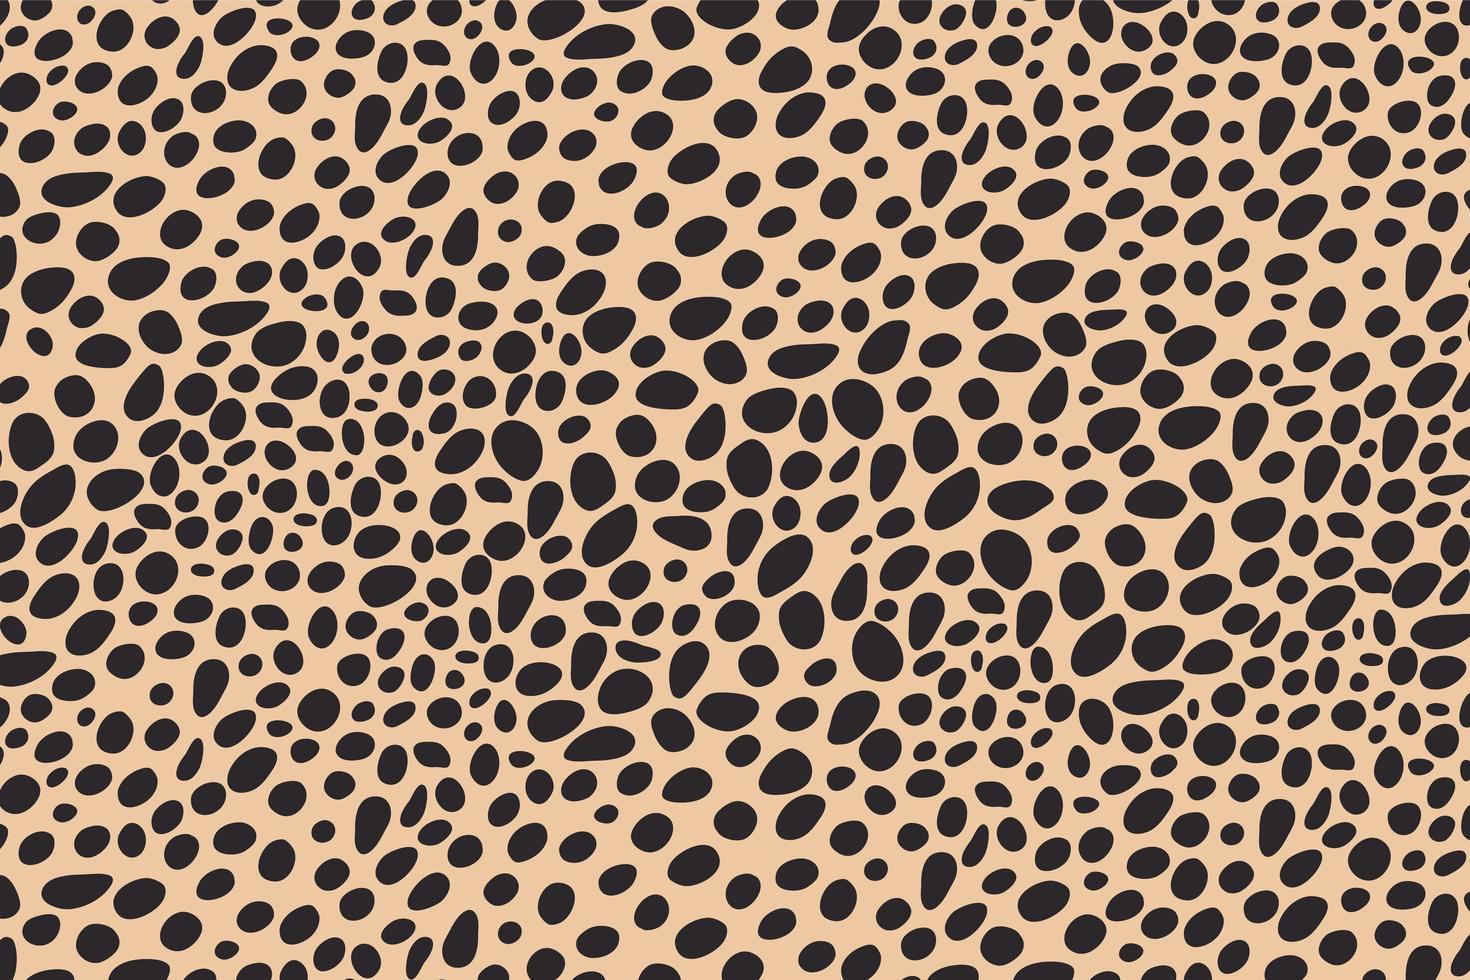 abstrakte Punkte Tierdruckdesign. Leopardenmuster. Gepardenhaut Hintergrund. vektor